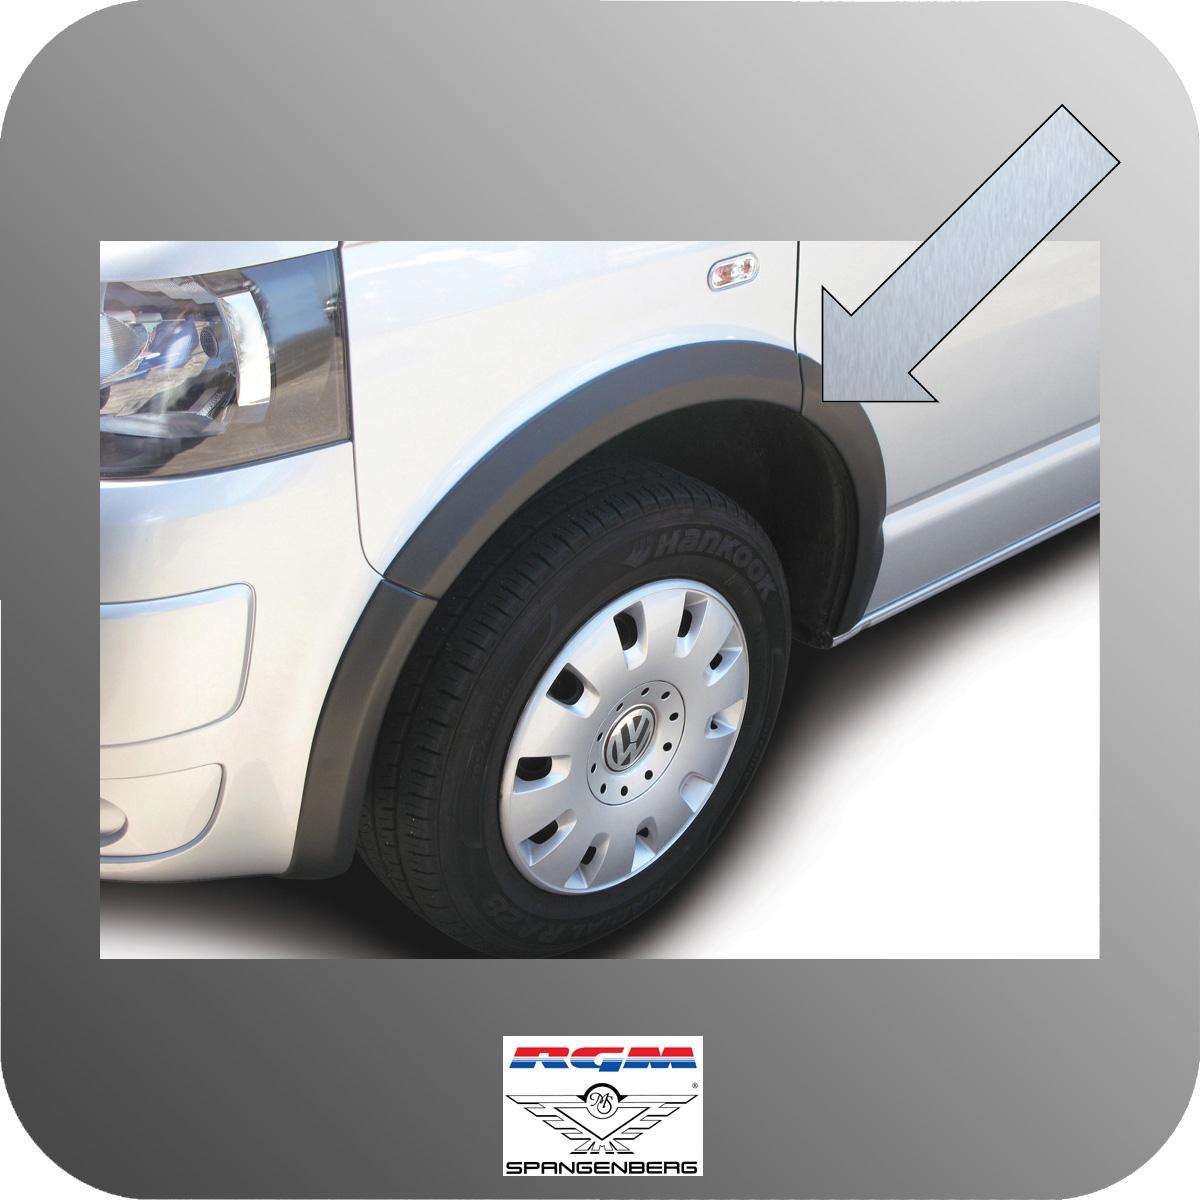 Radlaufabdeckung für VW T6.1 kurz Schiebetür rechts 2 Flügeltüren 11.19- 7420655